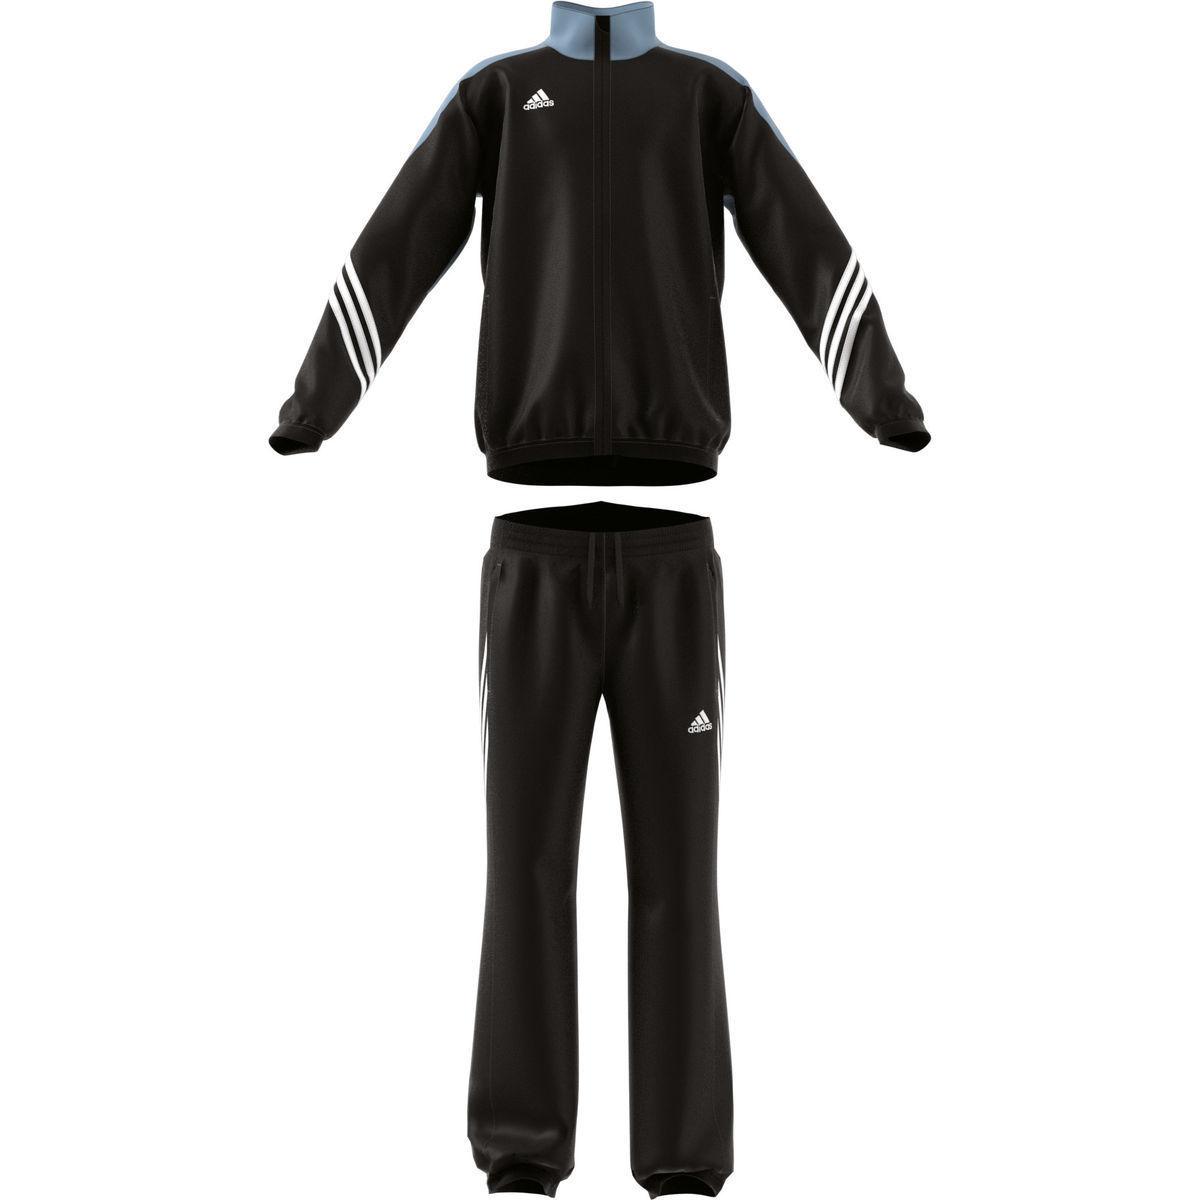 Bild 1 von adidas Jungen Trainingsanzug Sereno Pre 14